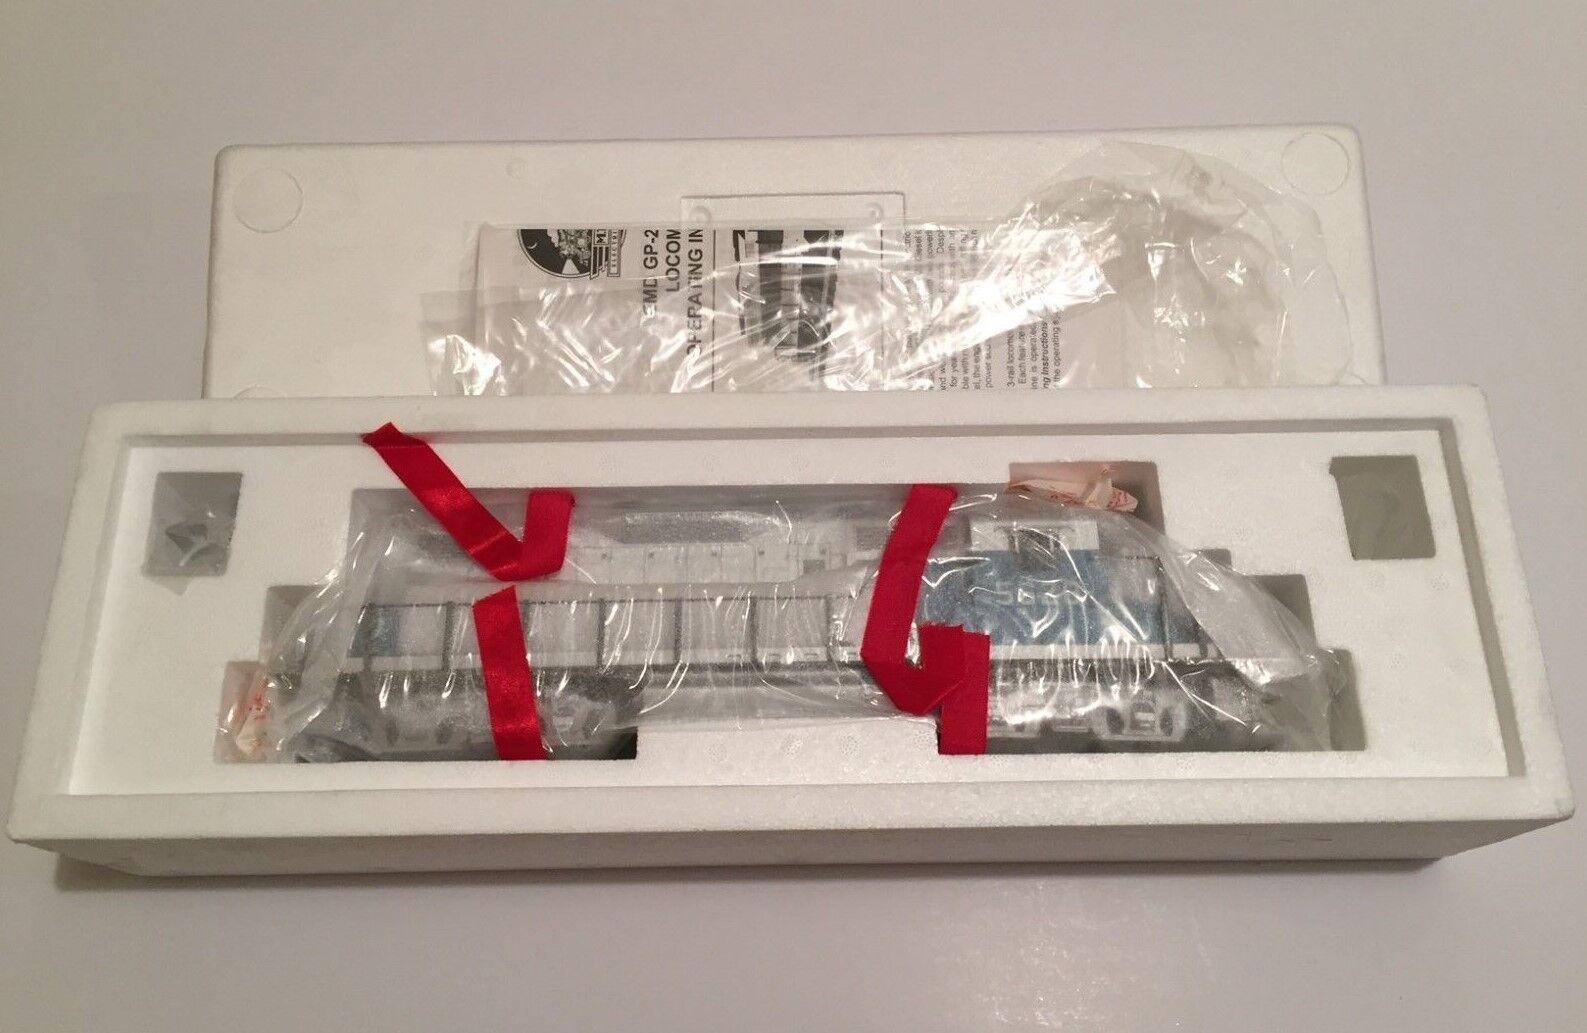 MTH MT-2142LP EMD GP-20 DIESEL 3-Rail w Predo Sound in original shipping box